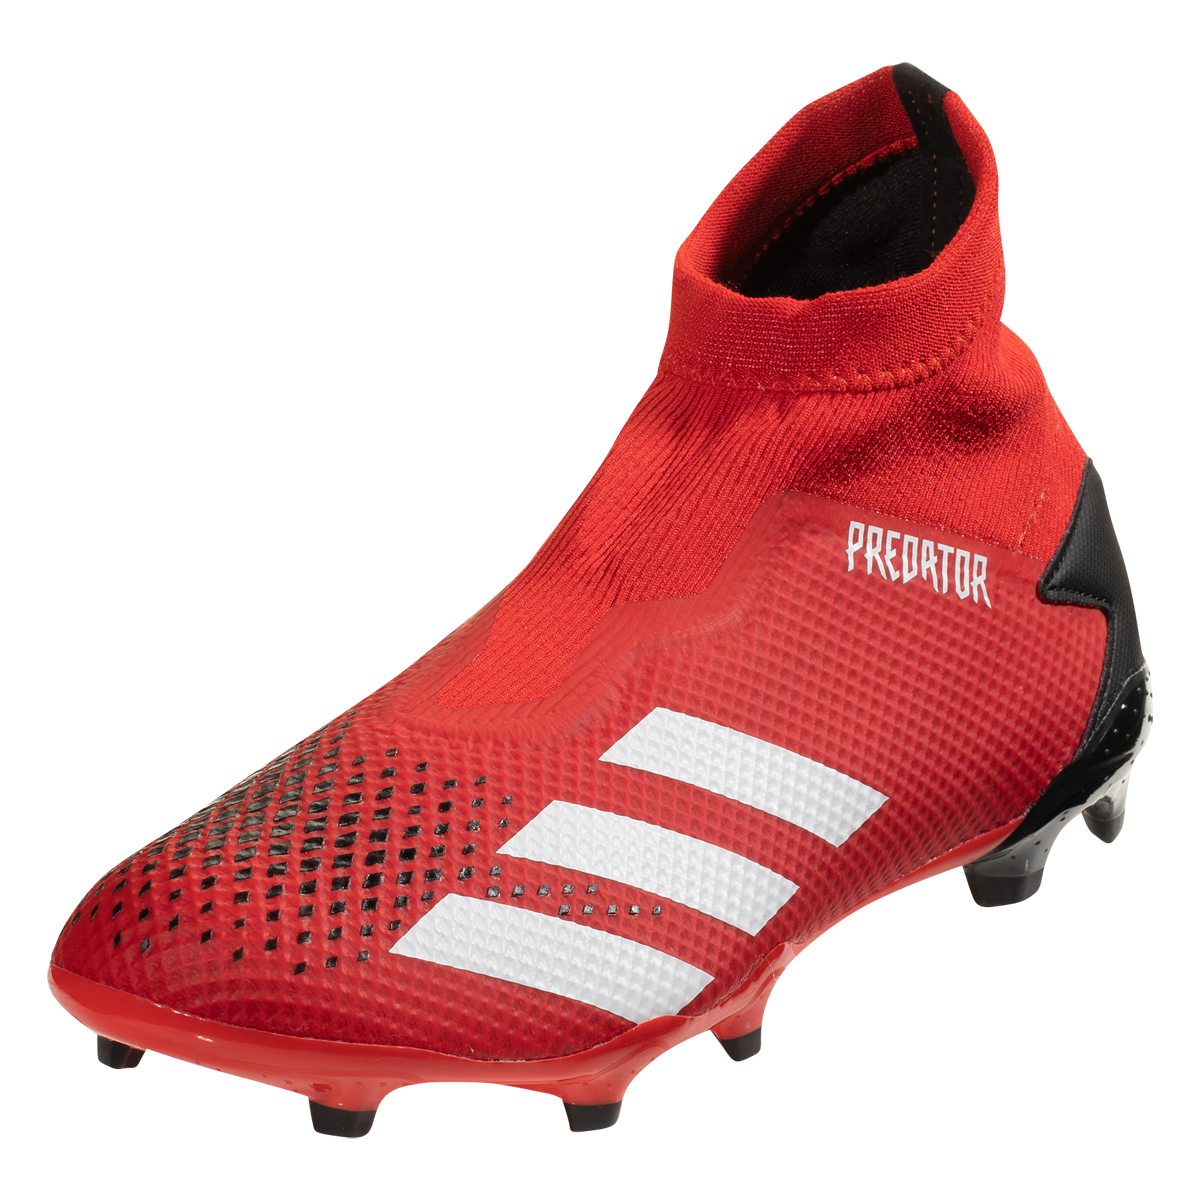 adidas Predator 20.3 Laceless FG Soccer